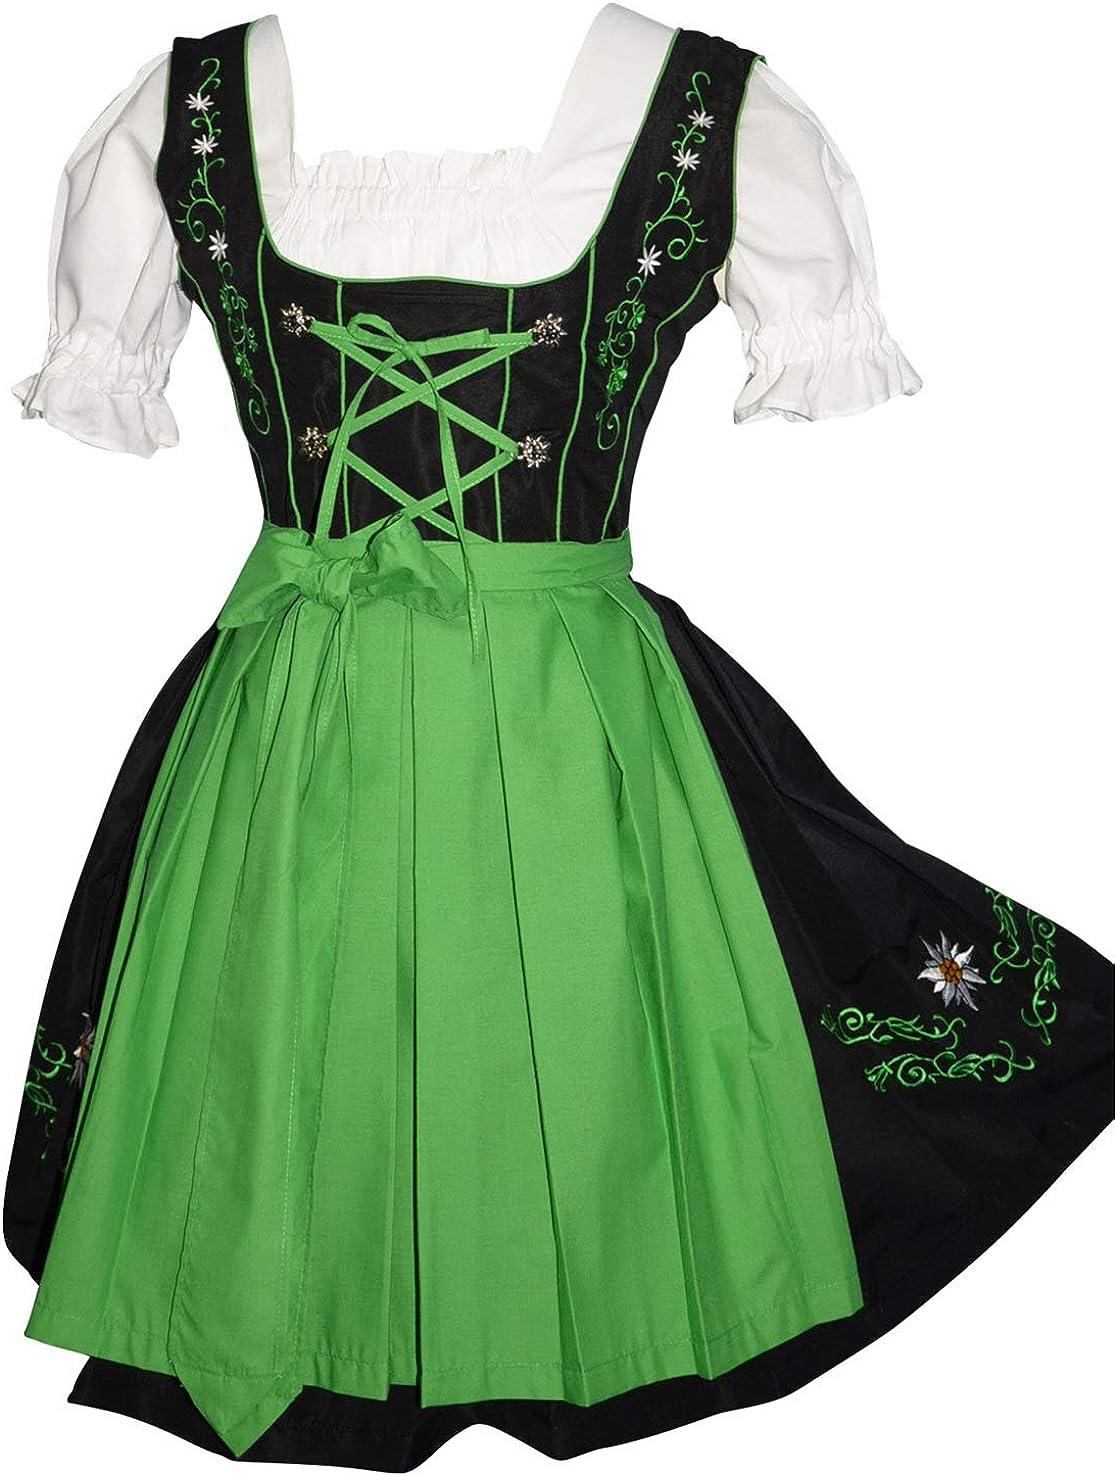 Amazon.com: 3-piece Vestido de fiesta alemana Oktoberfest ...